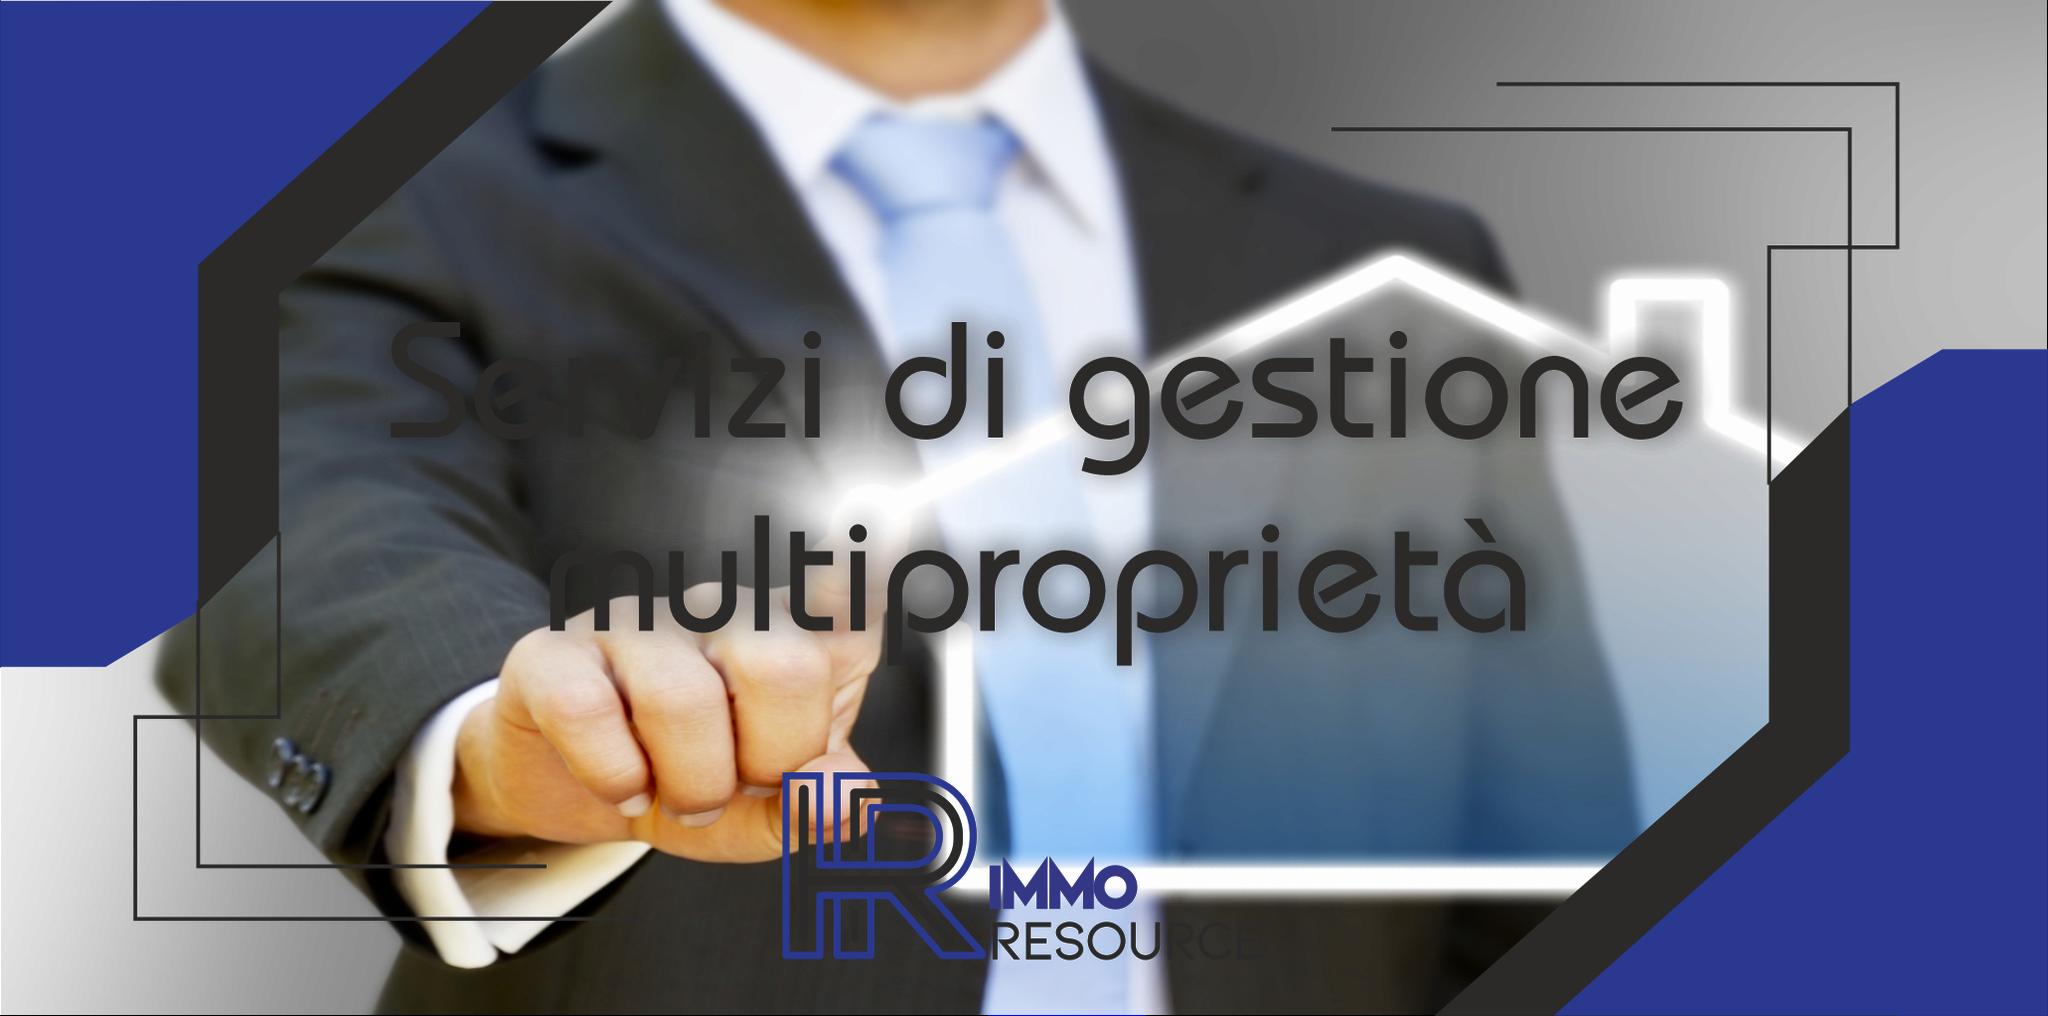 IMMO Resource Bolzano - gestione amministrazione Residence e Multiproprietà